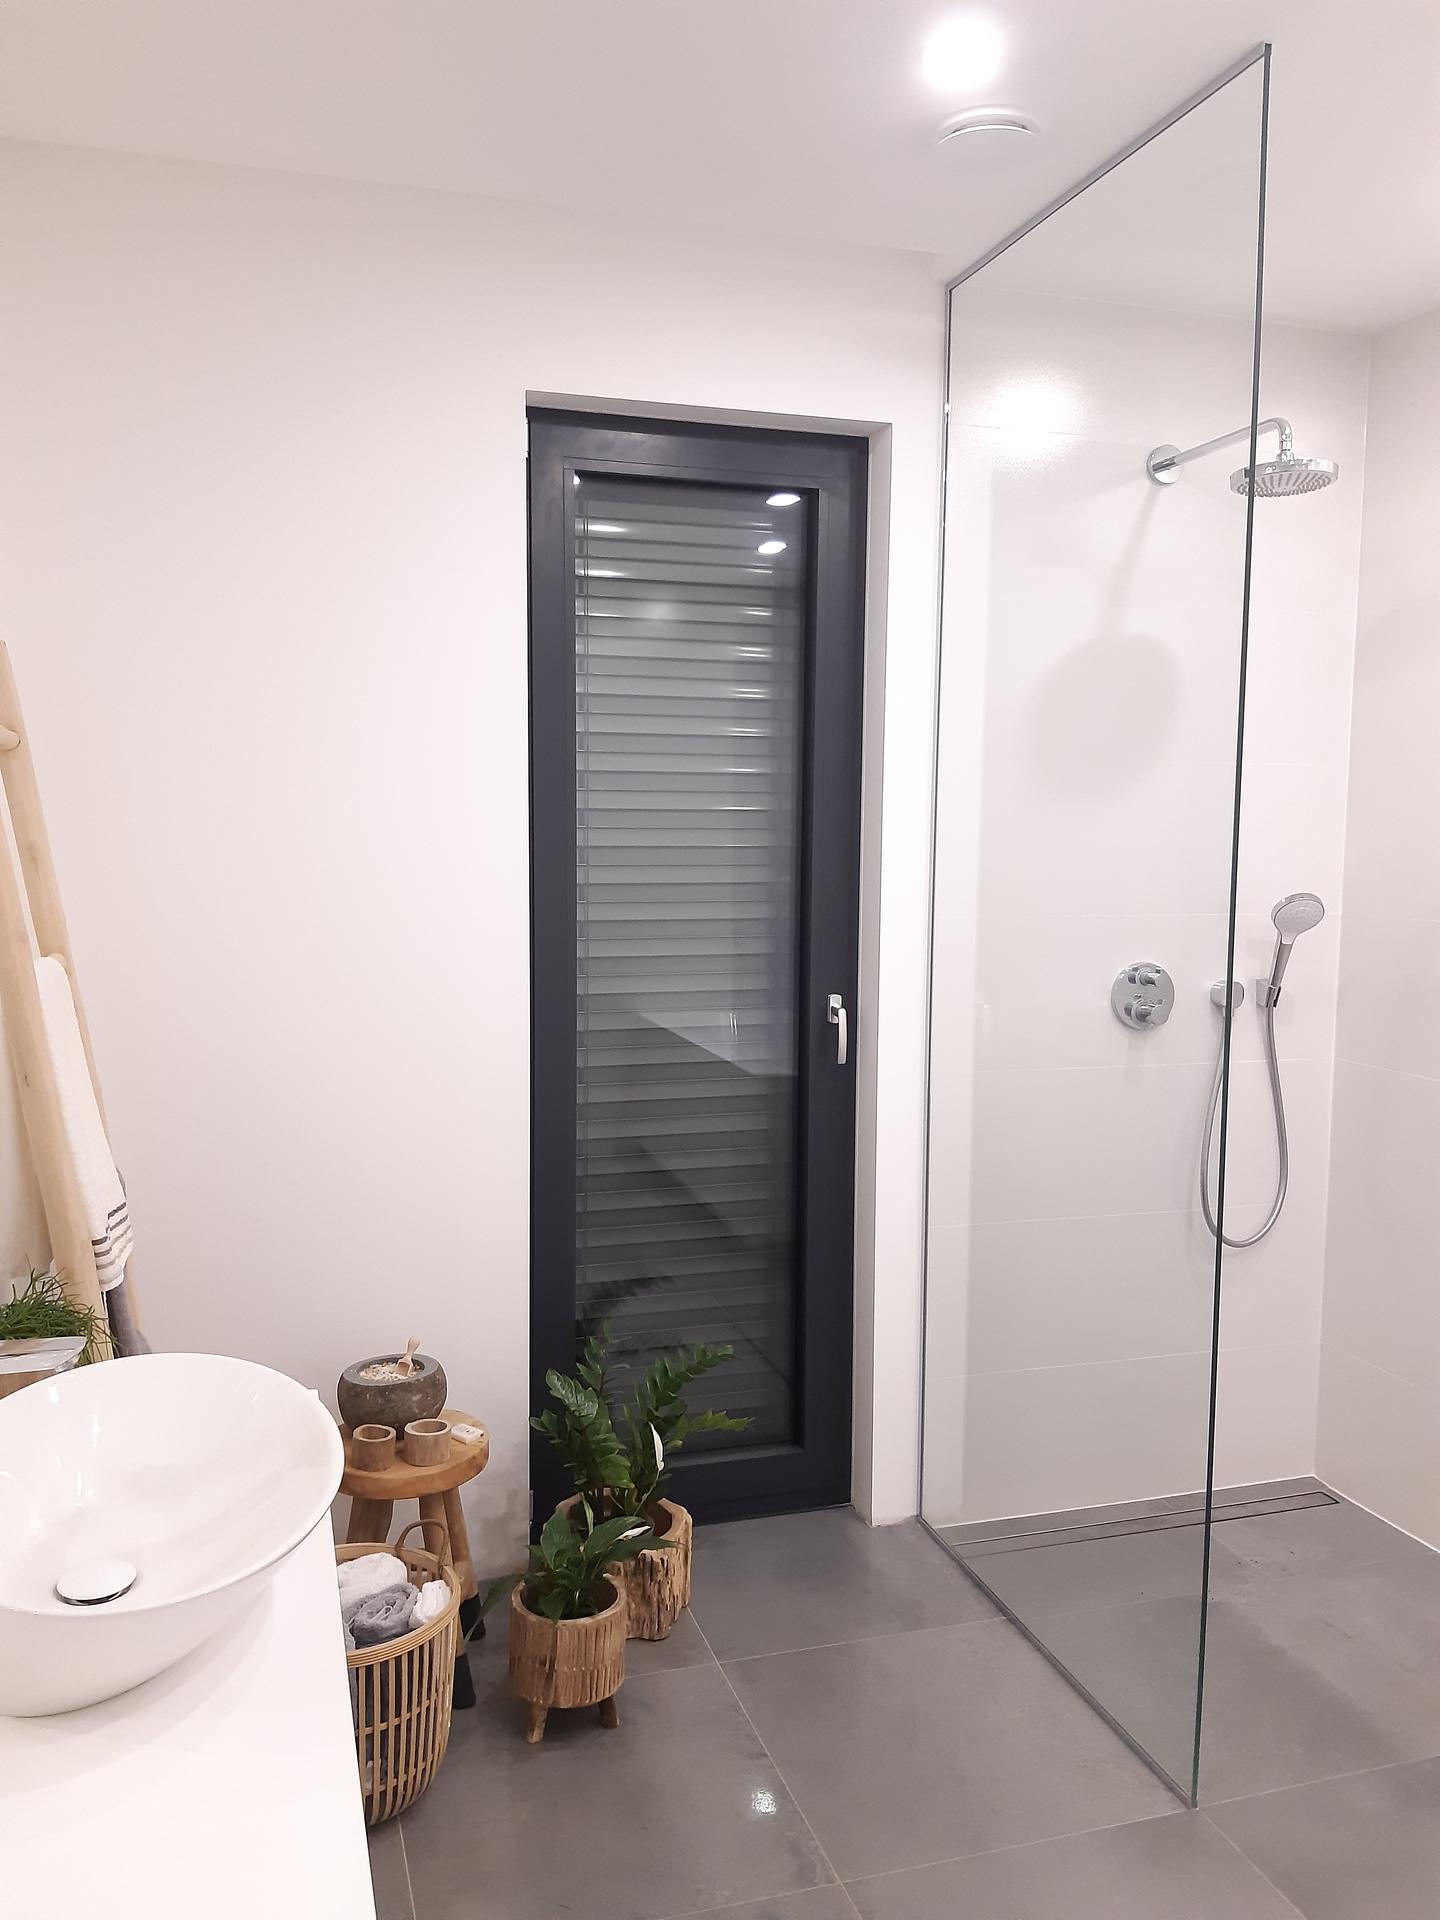 Koupelna v bílé, šedé a dřevě...barvy, které se prolínají celým domem. - Obrázek č. 3